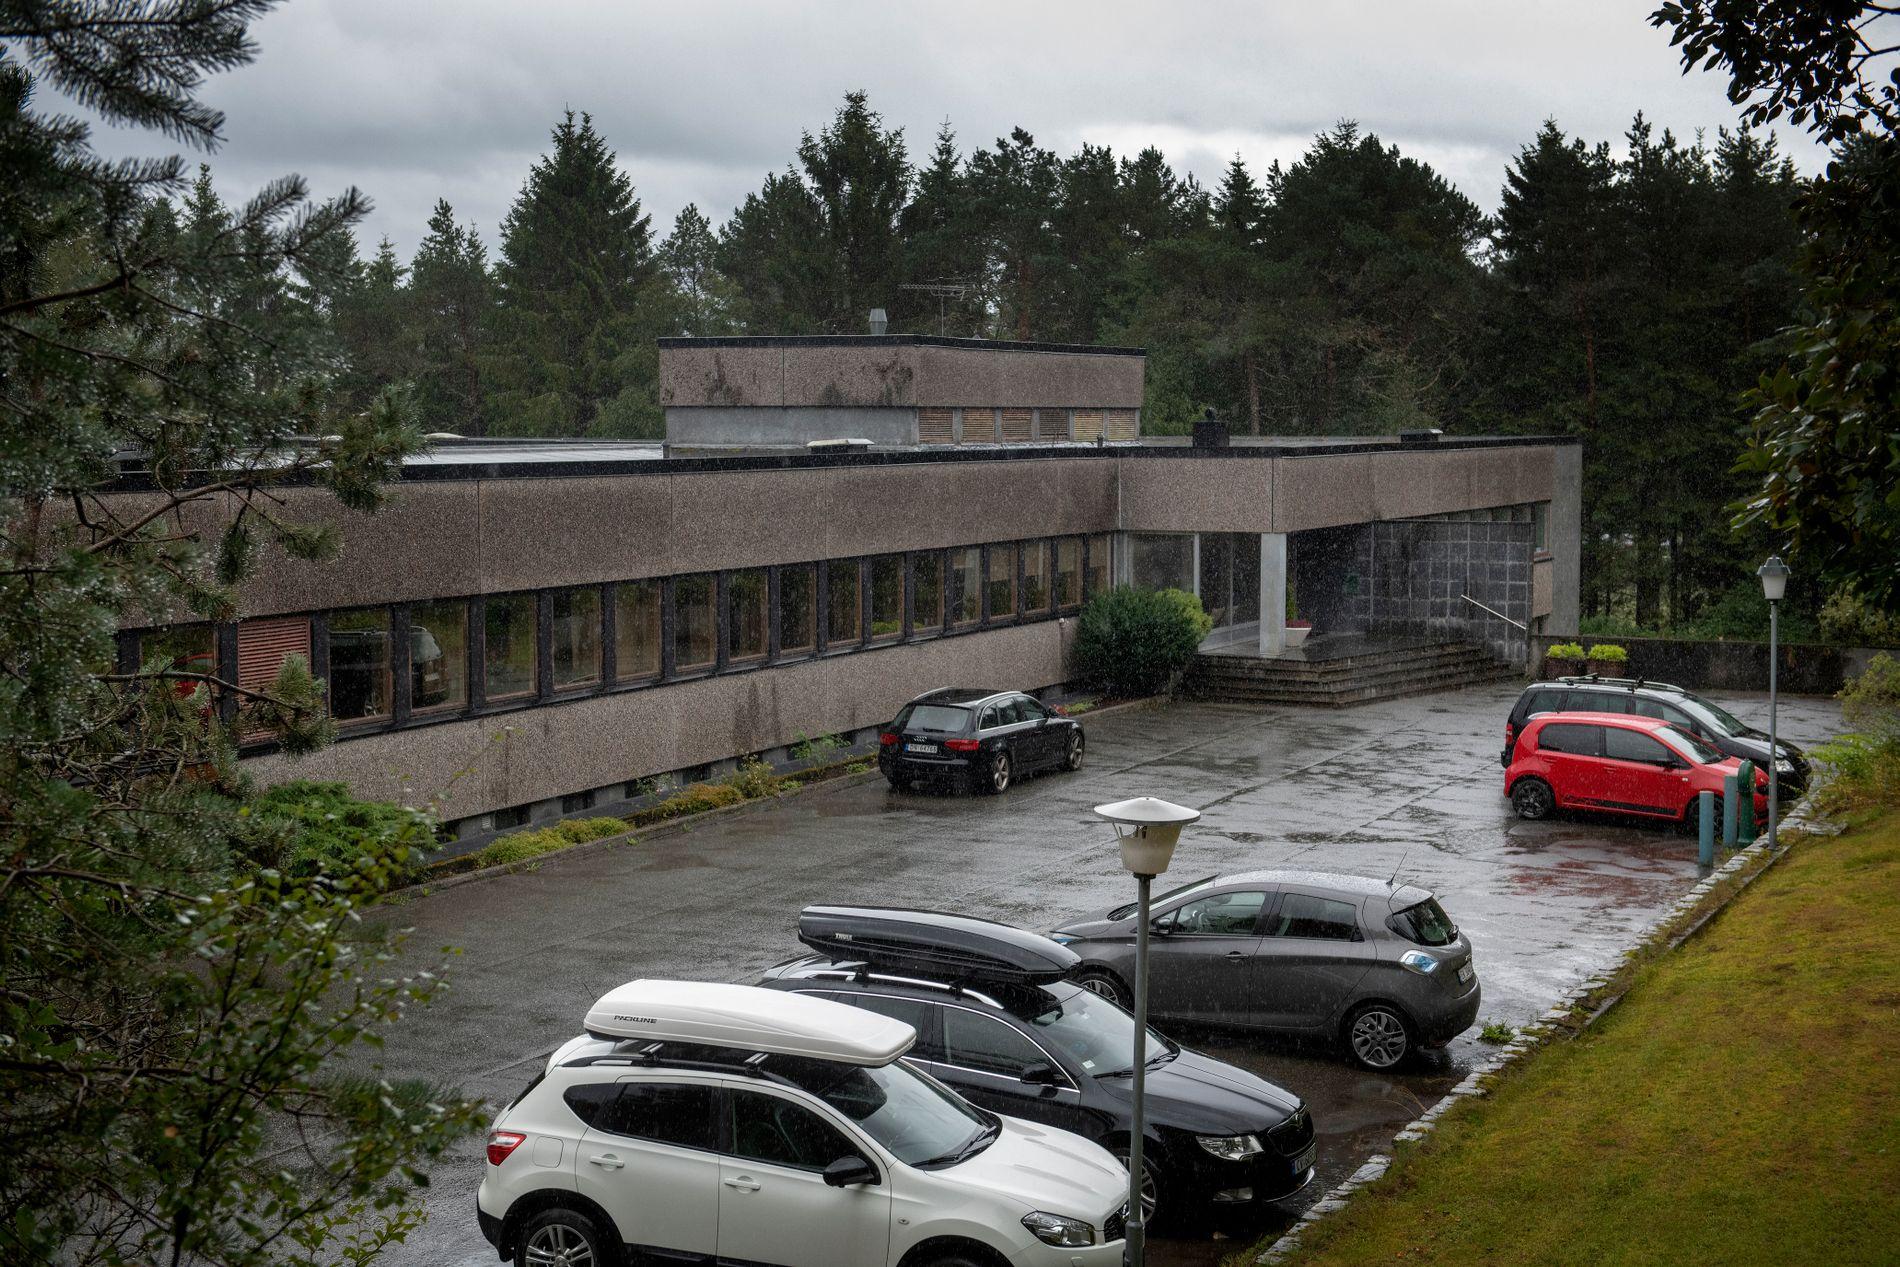 RUSINSTITUSJON: Onsdag ble to ledere suspendert fra sine stillinger i Bergensklinikken. Nå ønsker mellomledere i Bergensklinikken at administrerende direktør Ole Hope skal gå av.